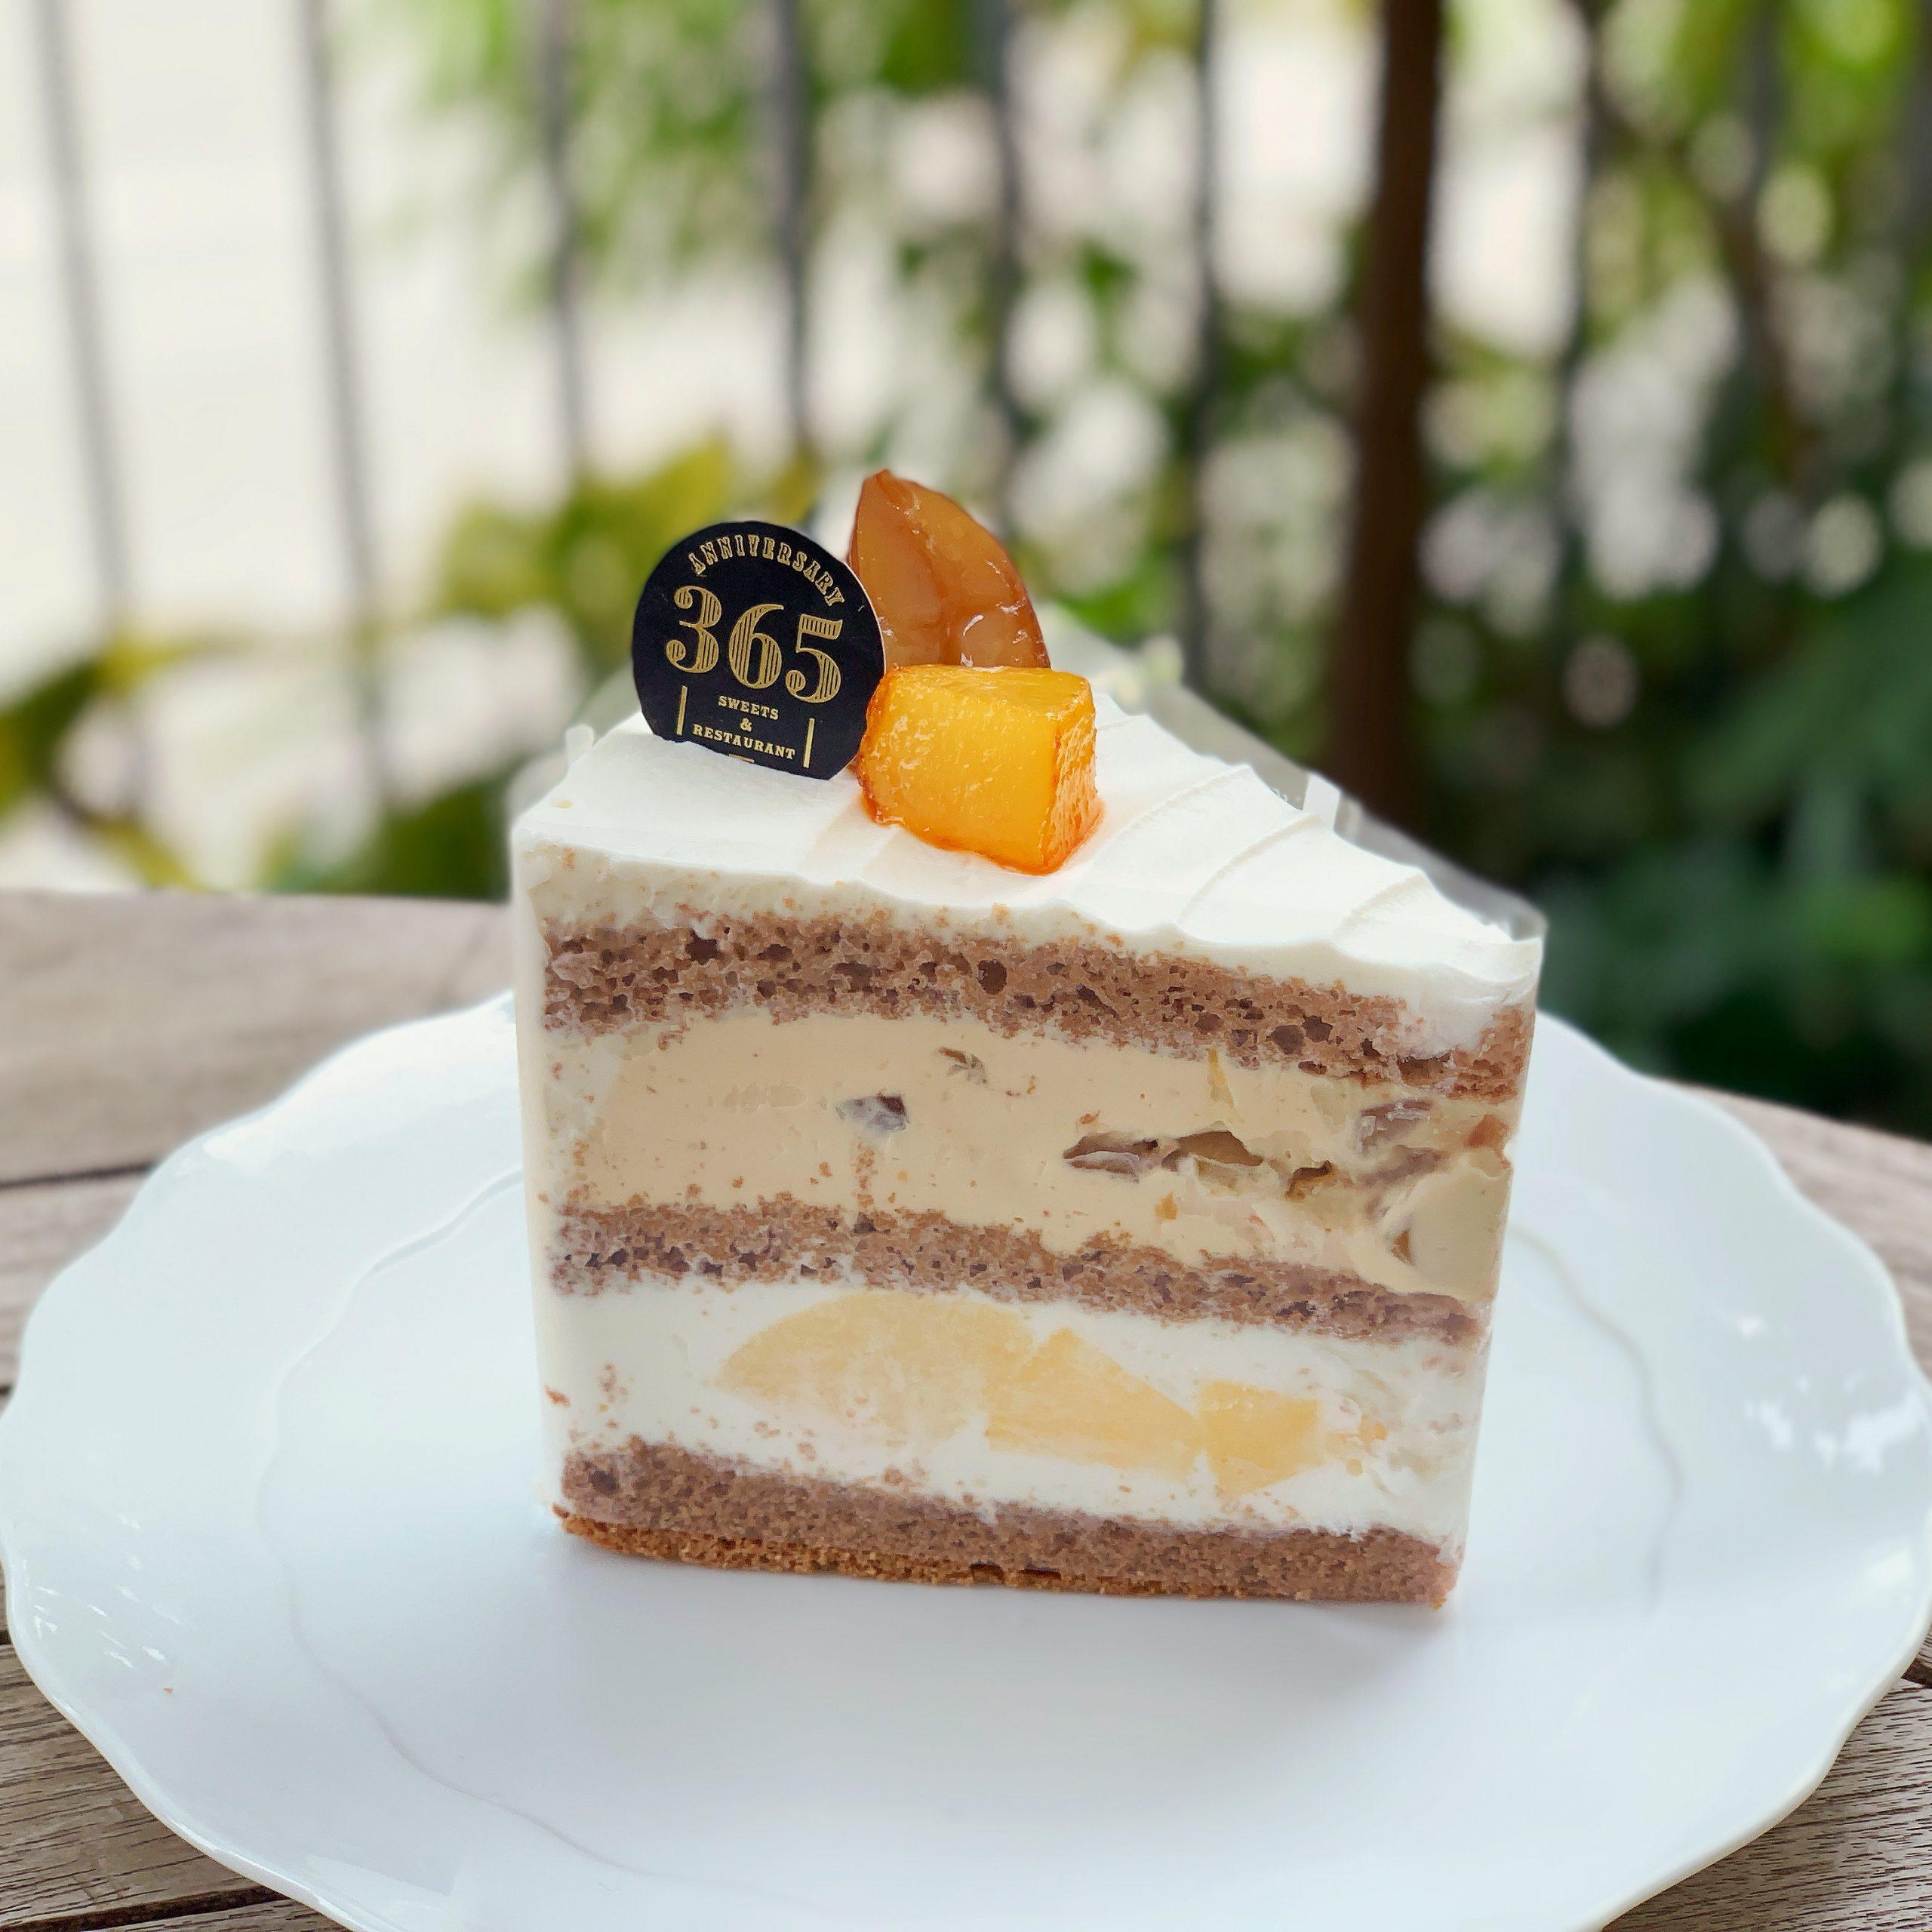 秋の味覚を味わえるショートケーキ